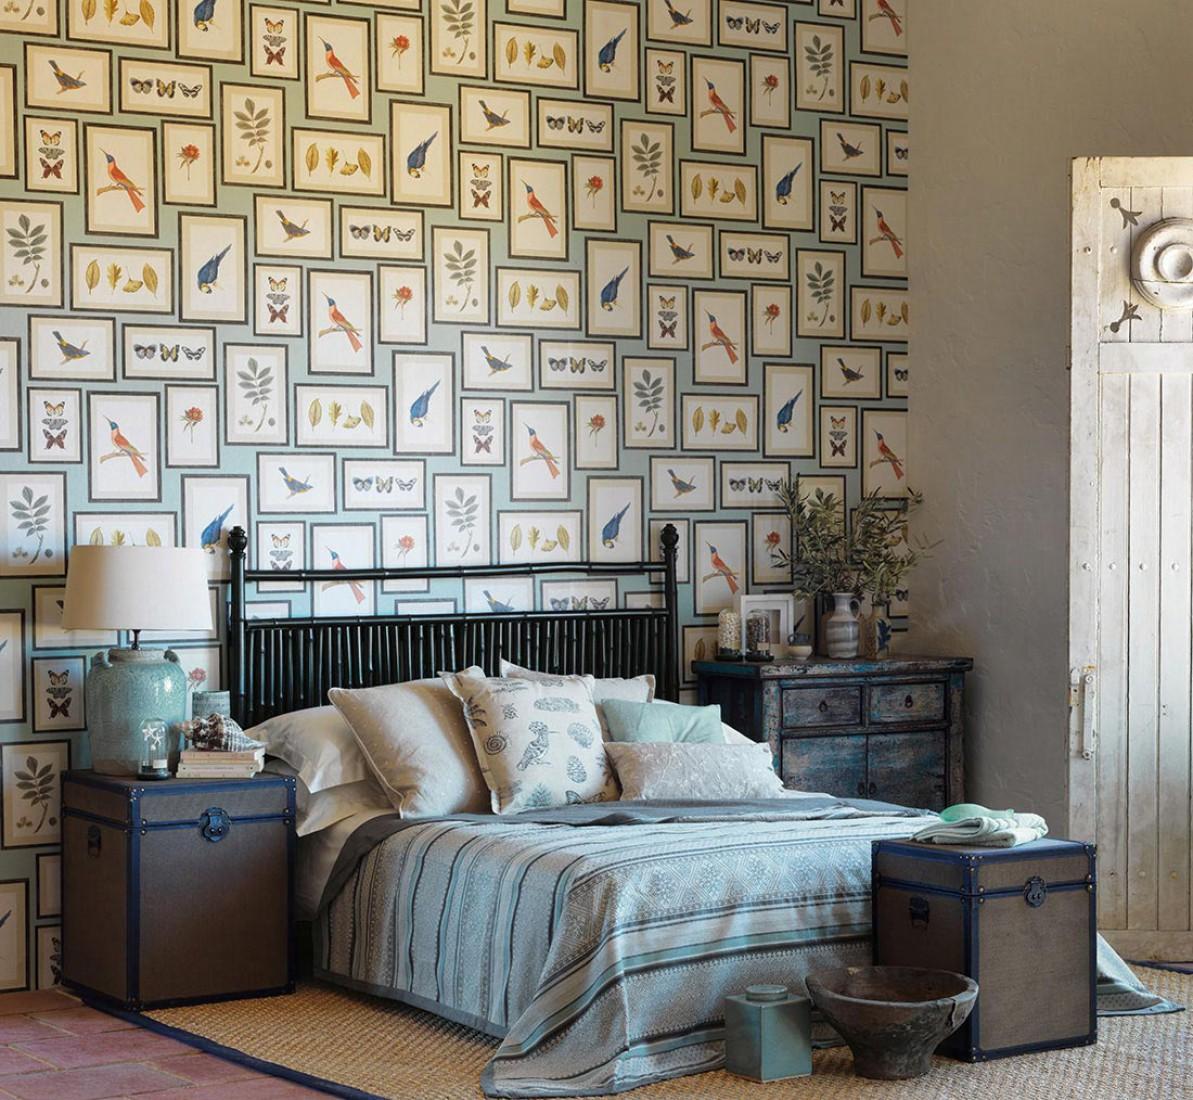 Papel de parede para quartos reciclar e decorar blog de decora o e reciclagem - Tappezzeria camera da letto ...